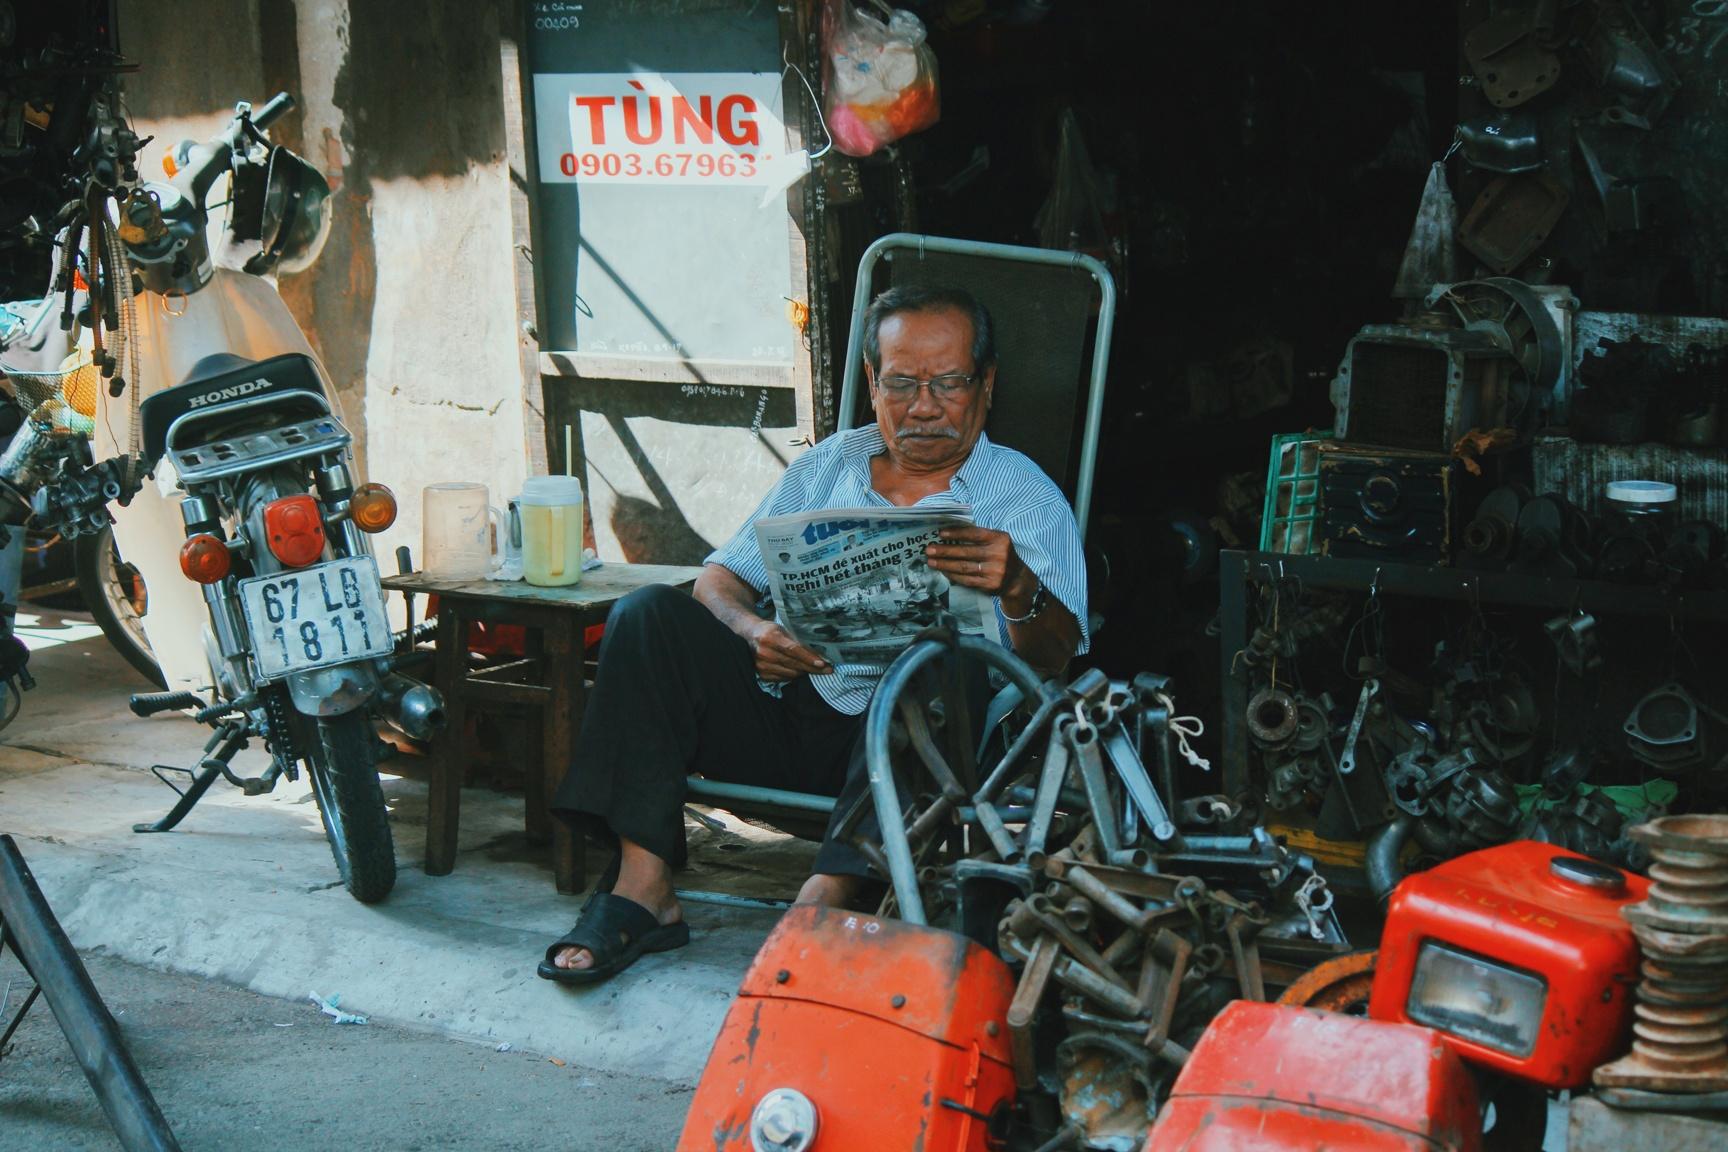 Vi sao An Giang khien du khach phai long? hinh anh 27 55.jpg